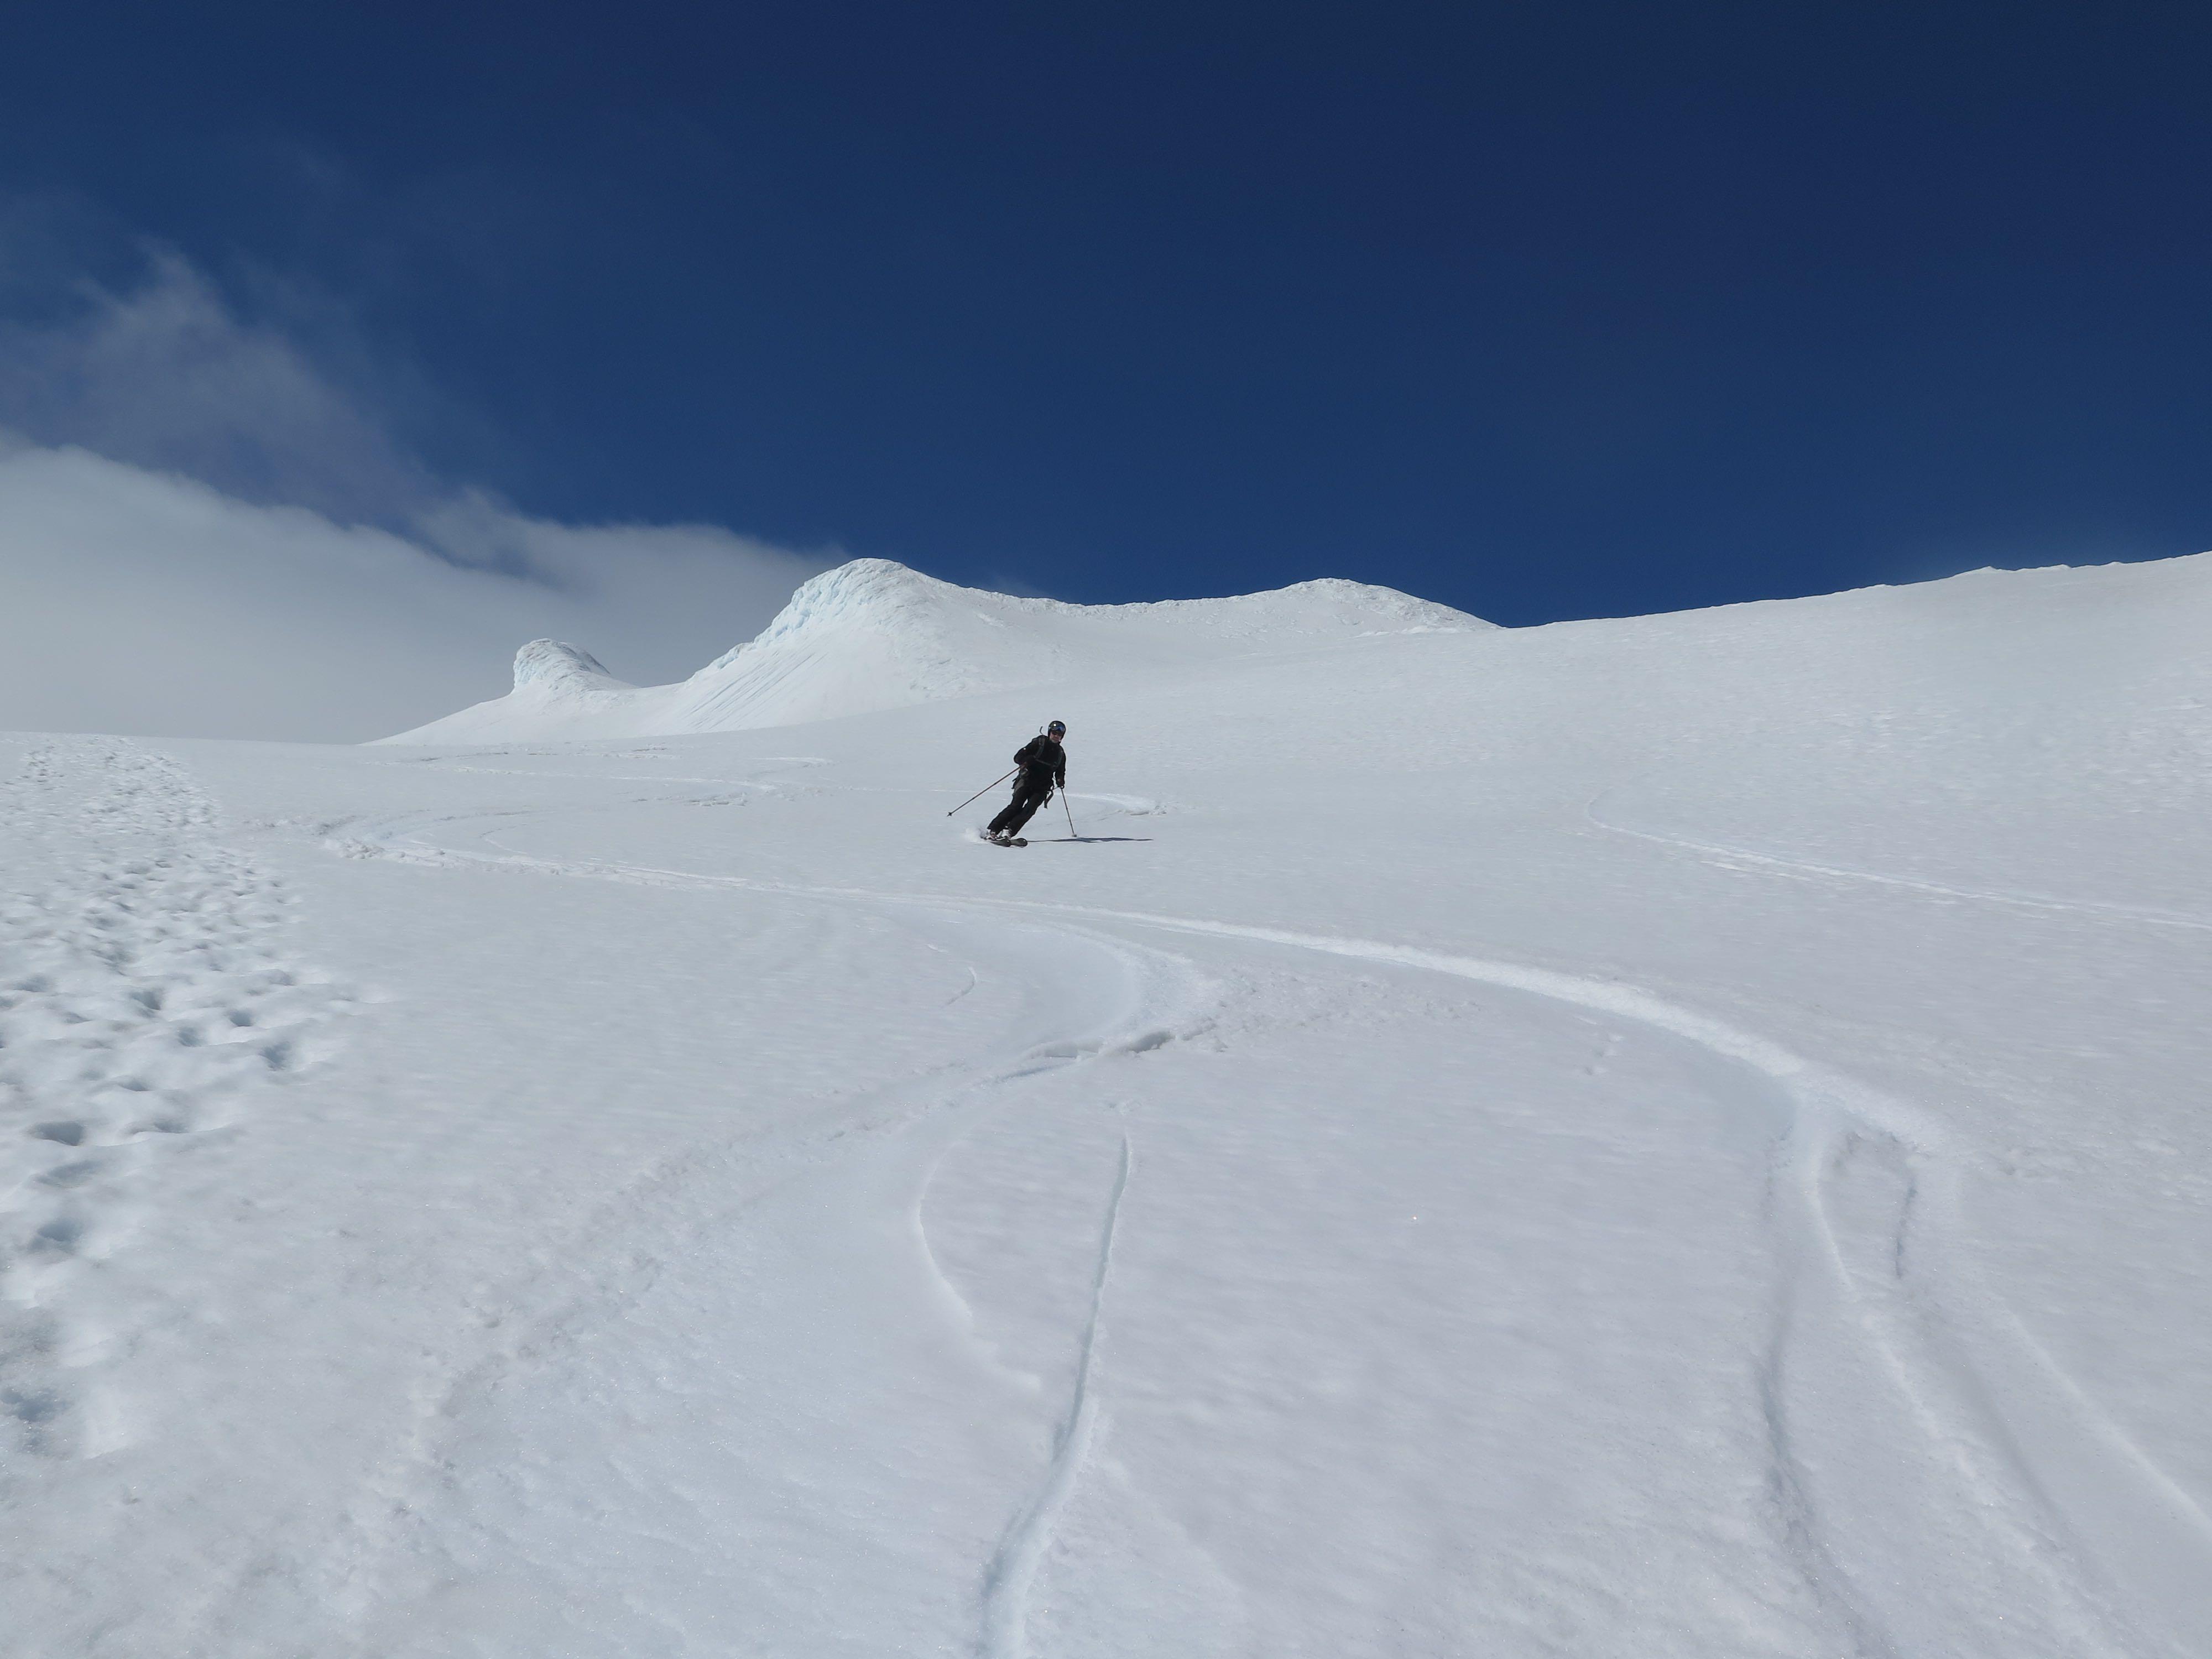 Ski Touring Reykjavik Iceland Day Tour Asgard Beyond